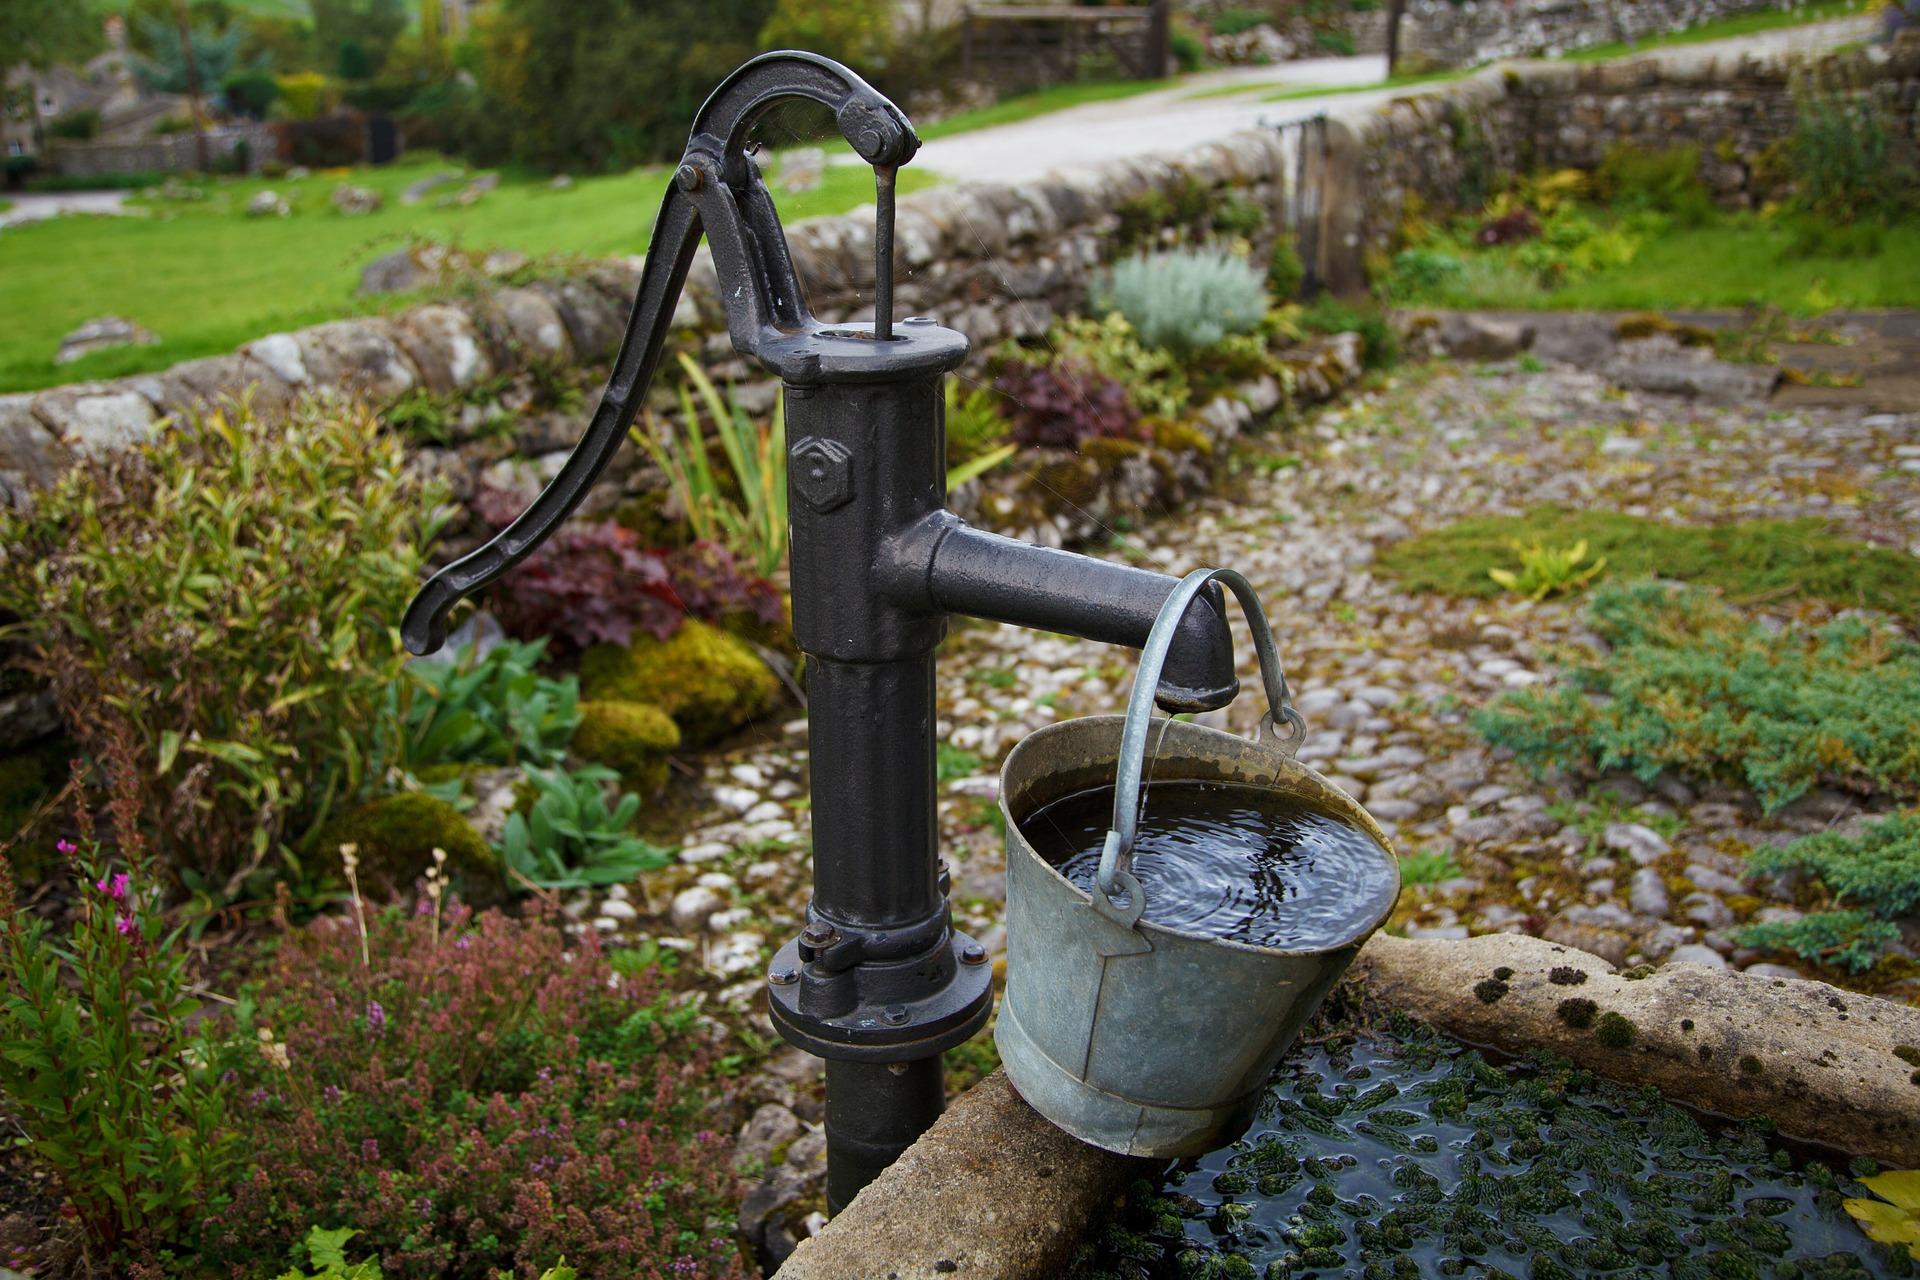 זיהום במשאבל המים גרם להתפרצות מחלת הכולרה